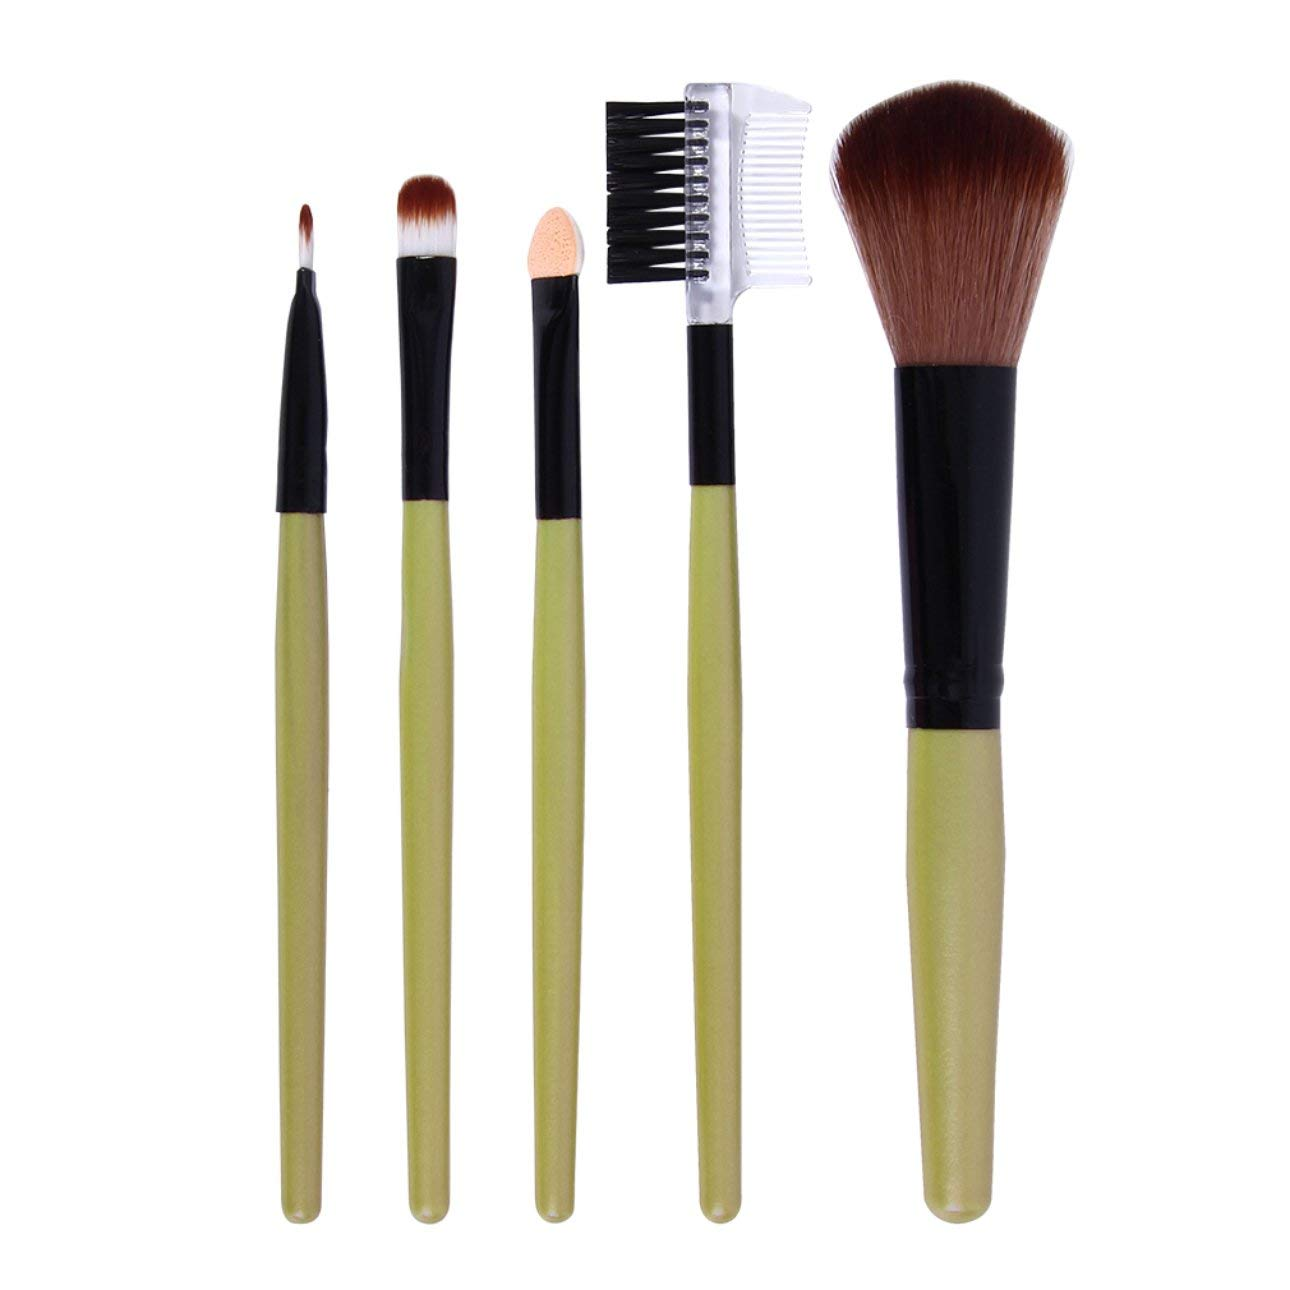 Liobaba Makeup Eye Brush,5pcs Eyeshadow Eyeliner Blending Crease,Essential Makeup Brushes Apply Better Makeup